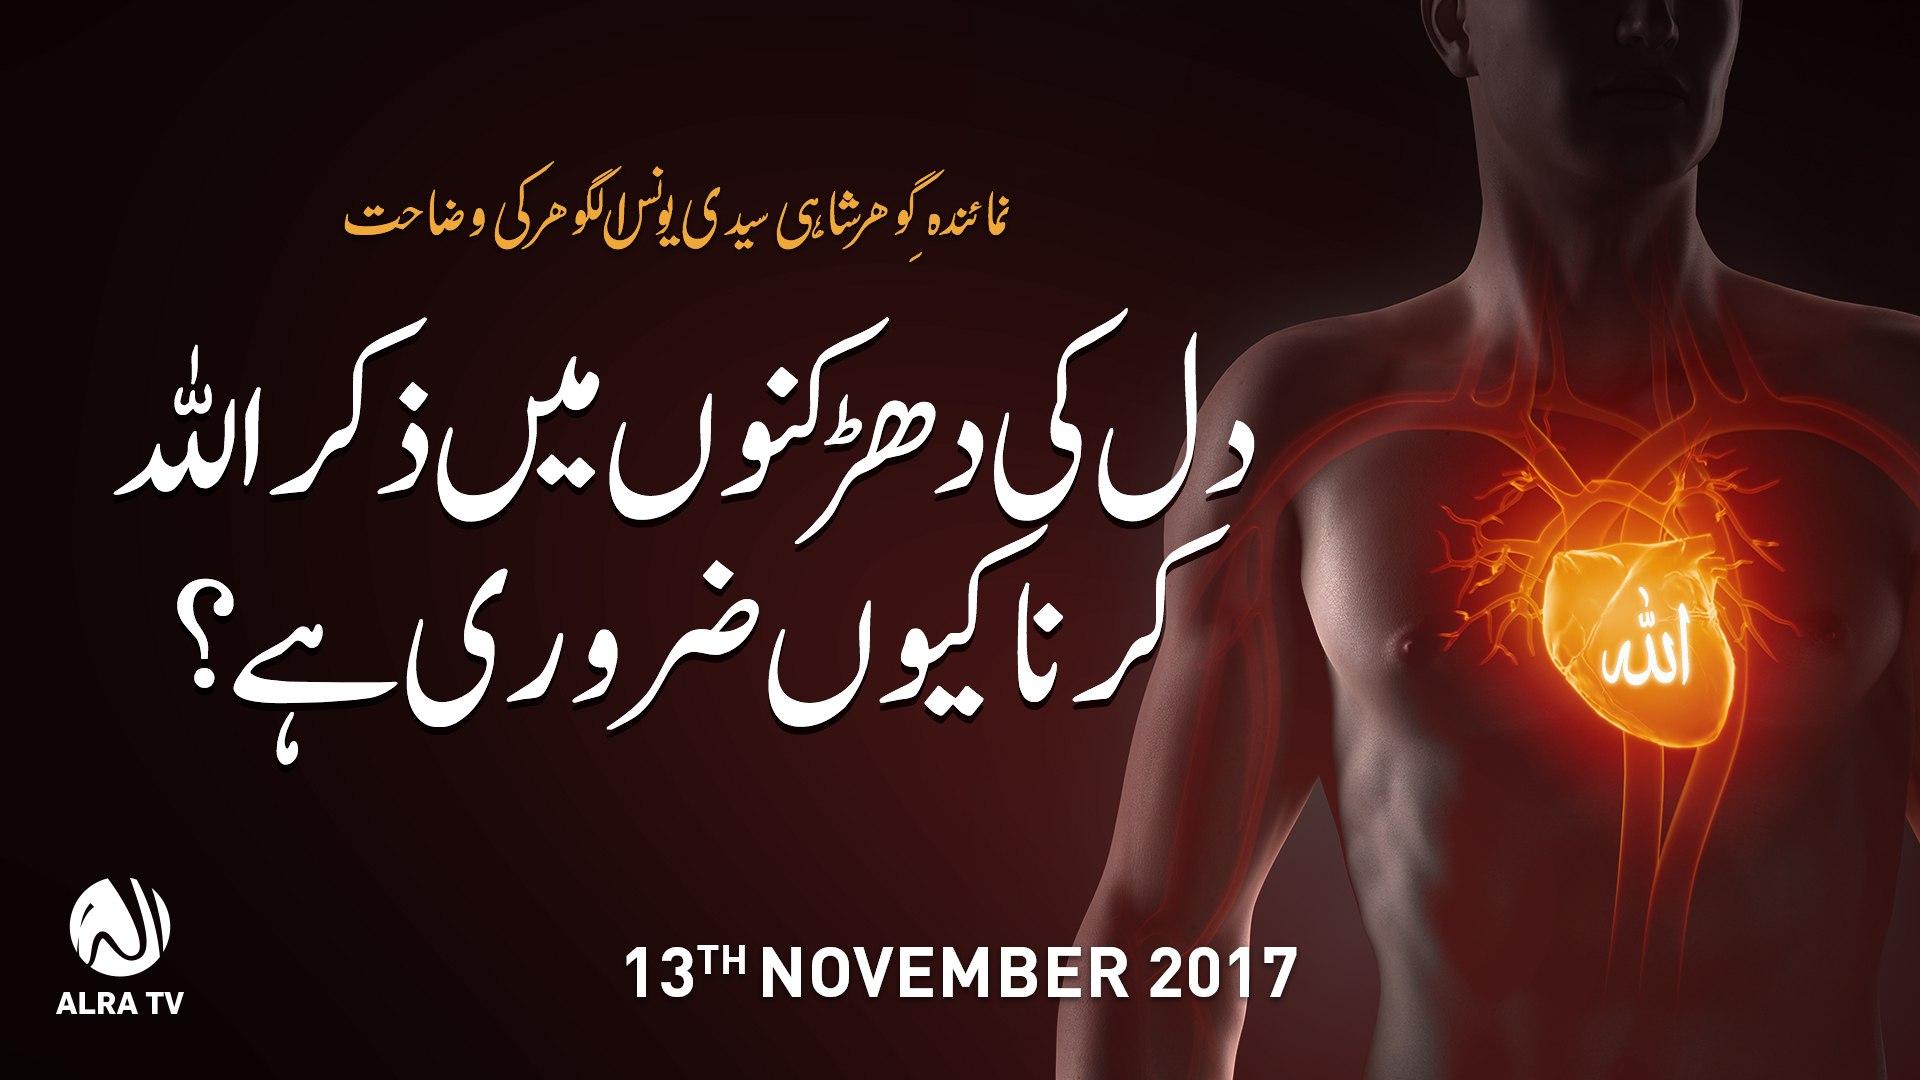 Dharkanon Mein Allah Ka Zikar Karna Kiyon Zaroori Hai? By Younus AlGohar